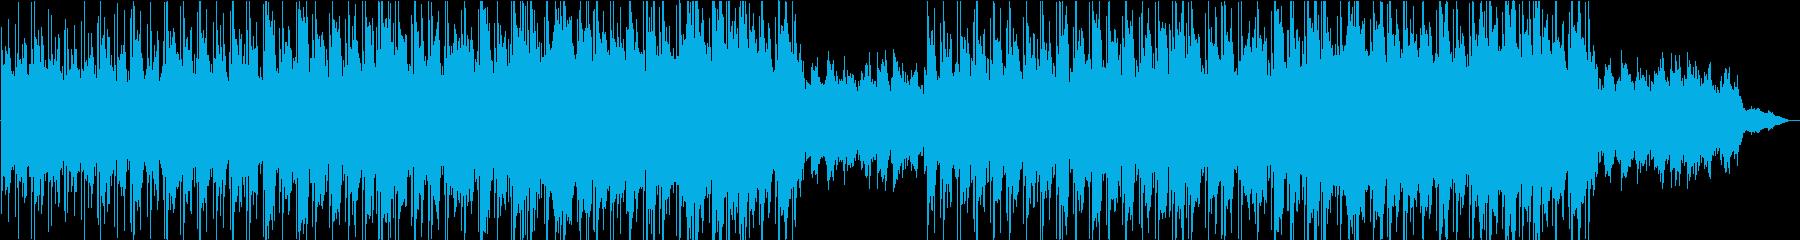 物語の始まりに合うキラキラとしたピアノの再生済みの波形